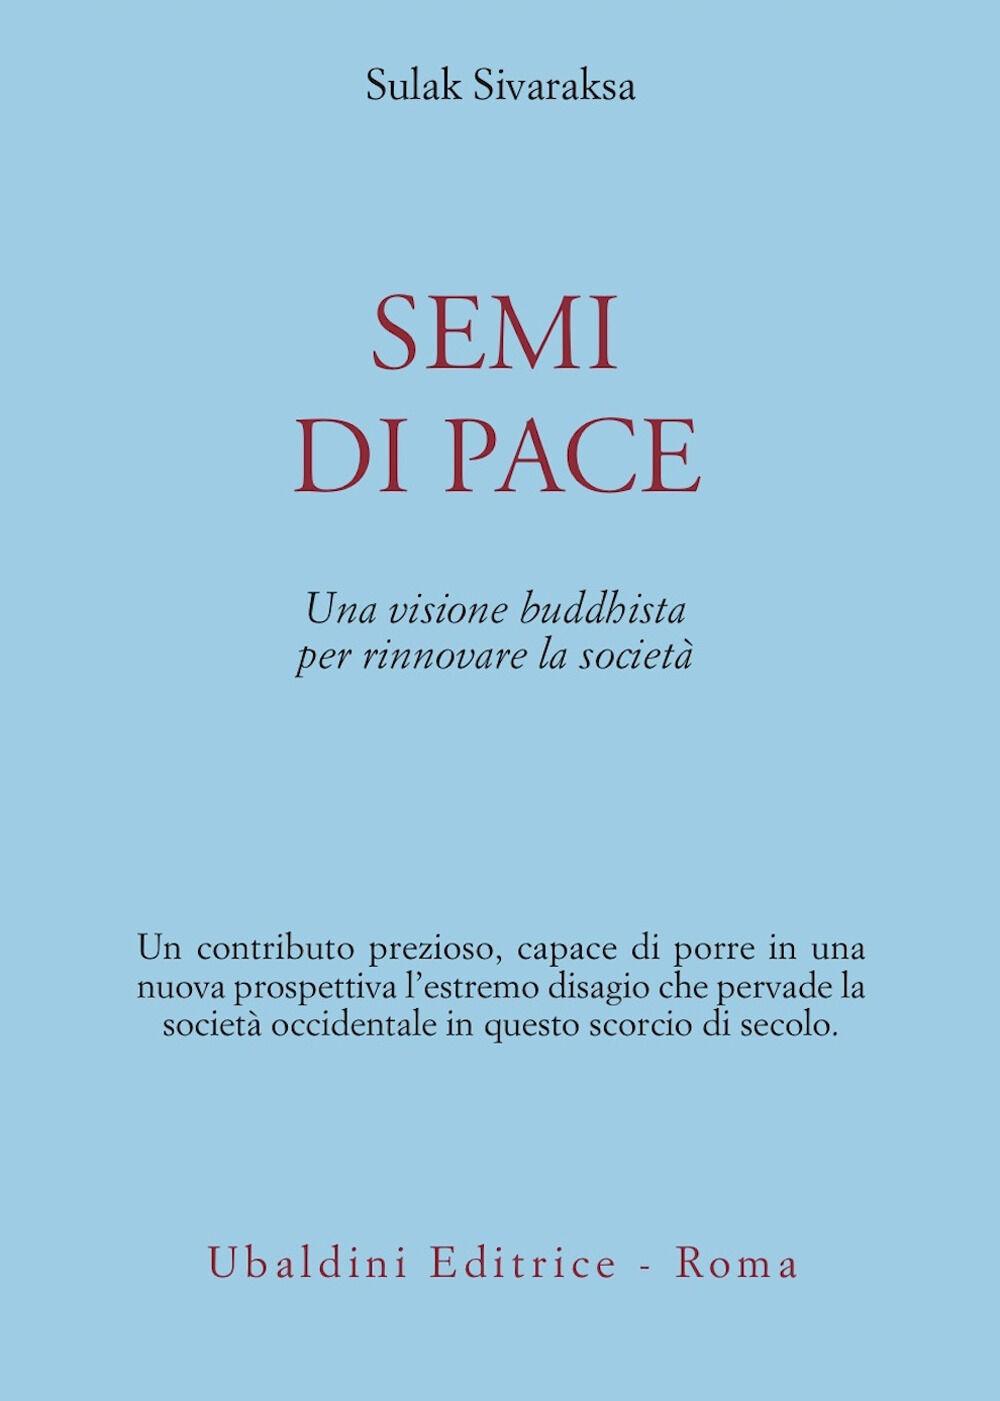 Semi di pace. Una visione buddhista per rinnovare la società